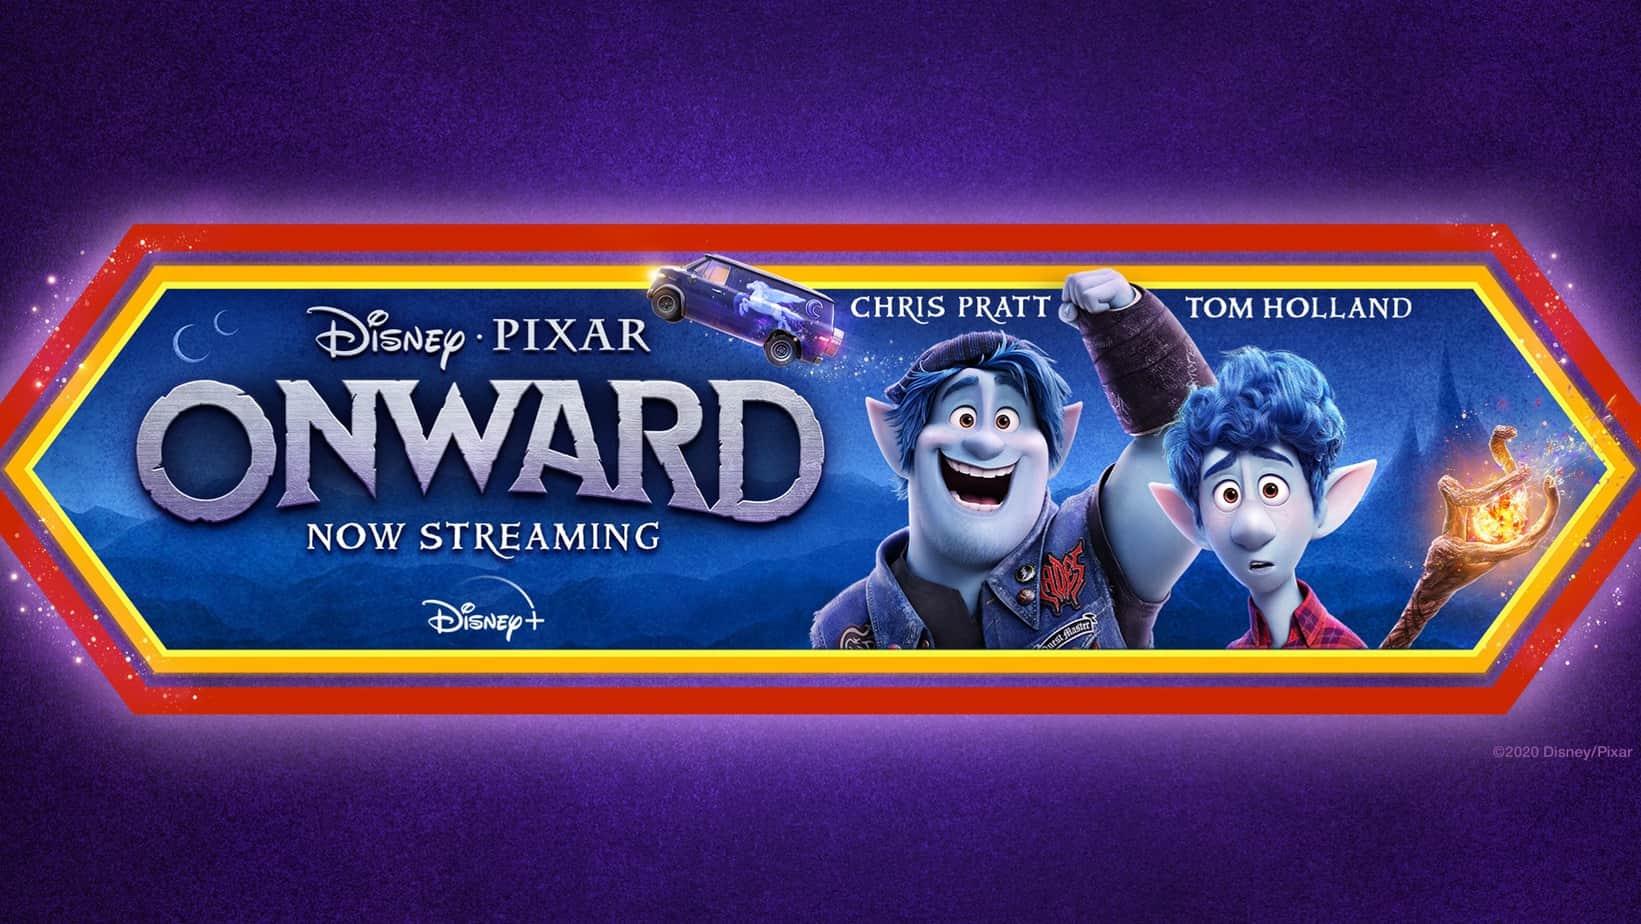 Spoiler-Free Review of Pixar's Onward